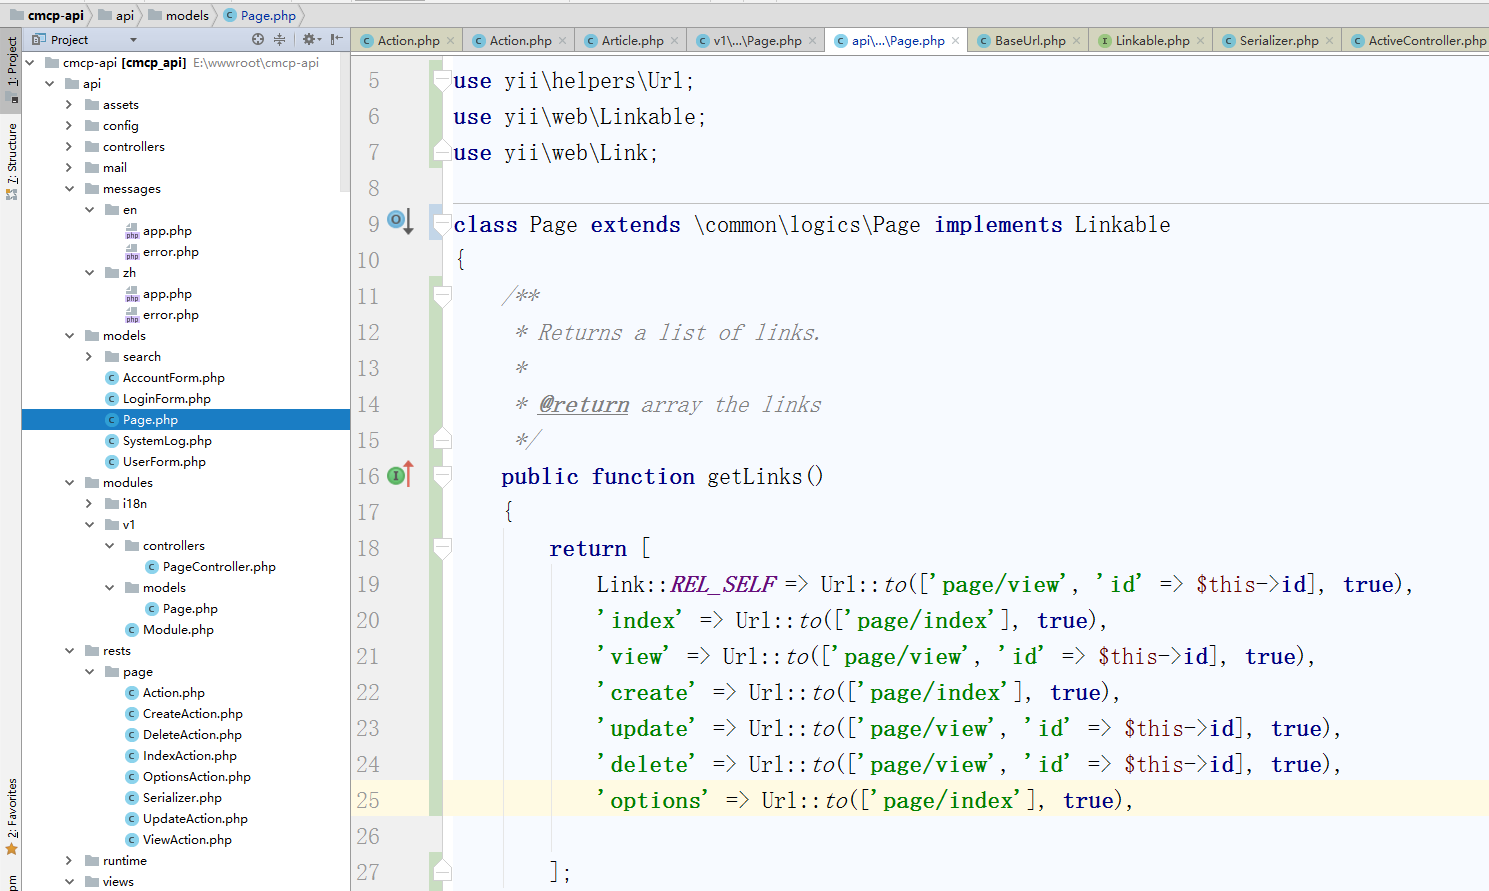 实现[[yii\web\Linkable]] 接口来支持HATEOAS,返回与本资源对象的相关链接,编辑资源类 \api\models\Page.php